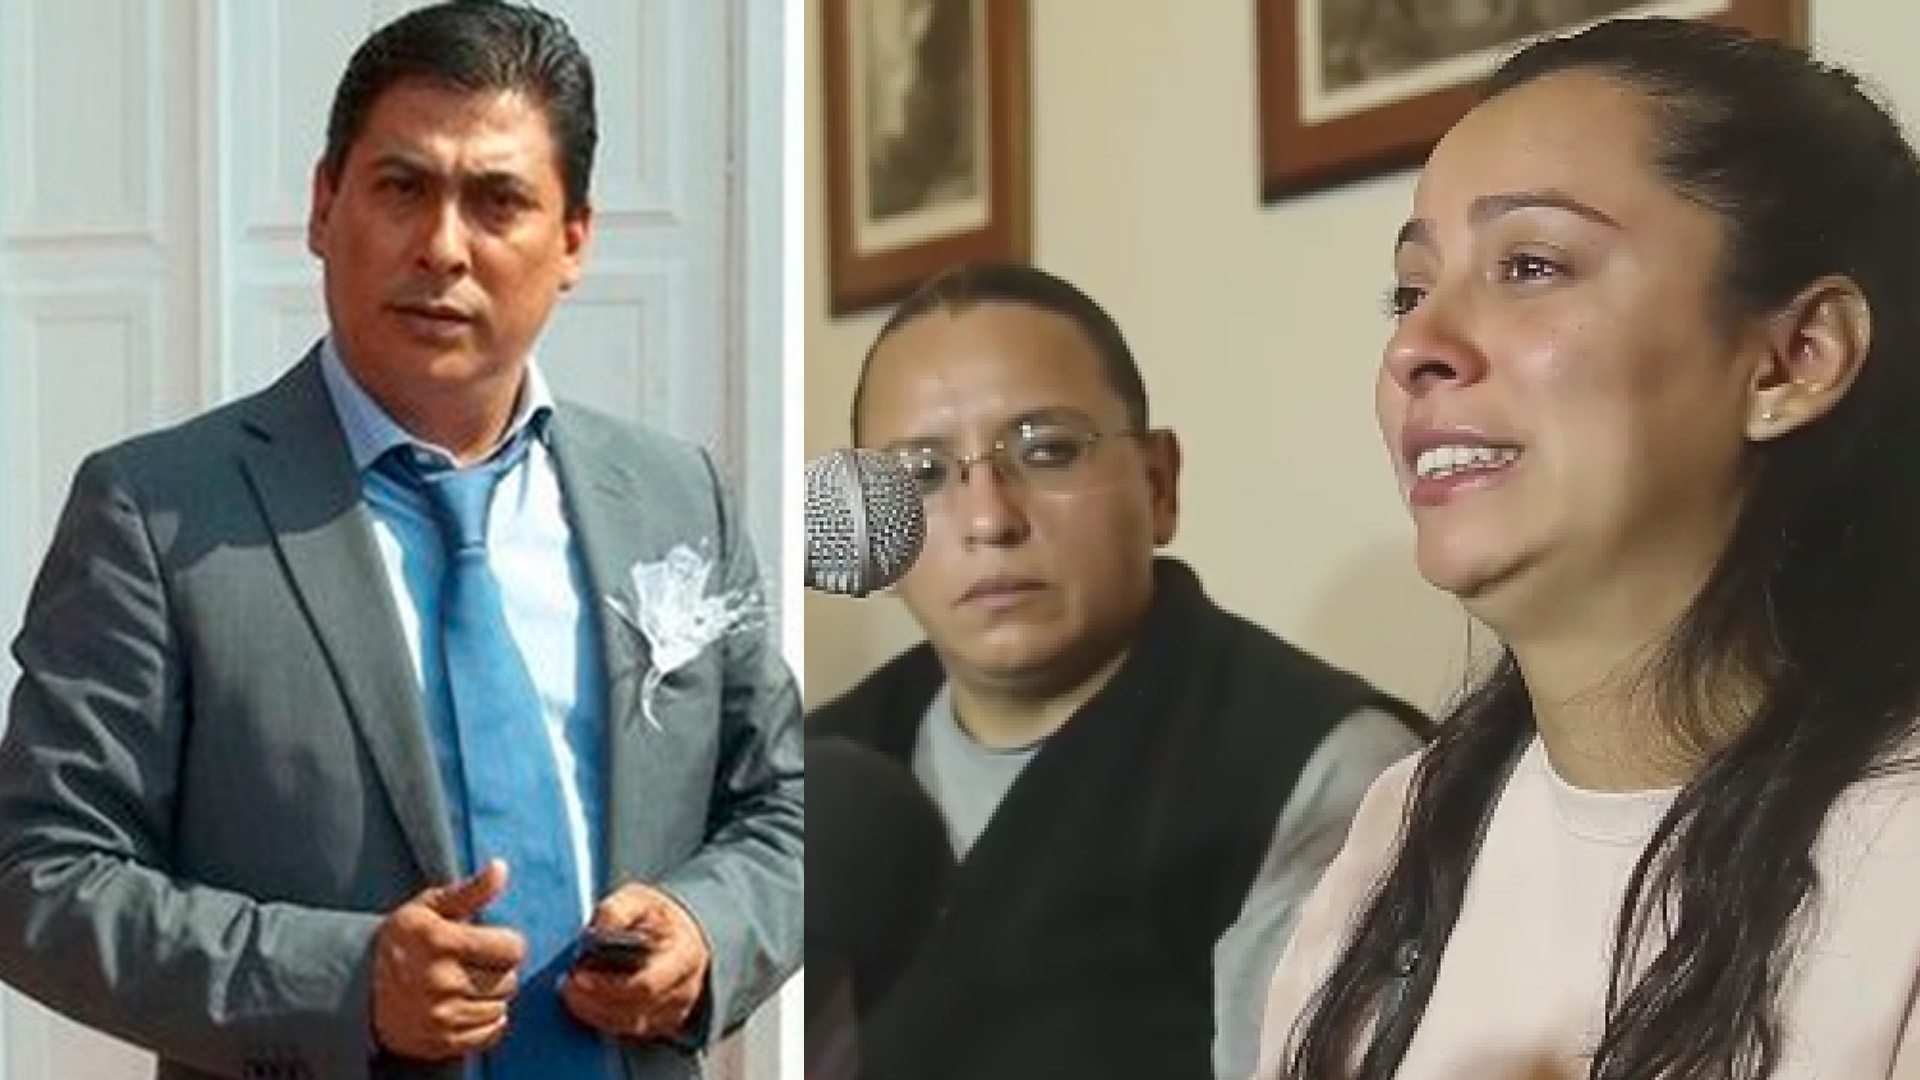 Indignación y dolor: la familia de Salvador Adame desconfía de la versión oficial